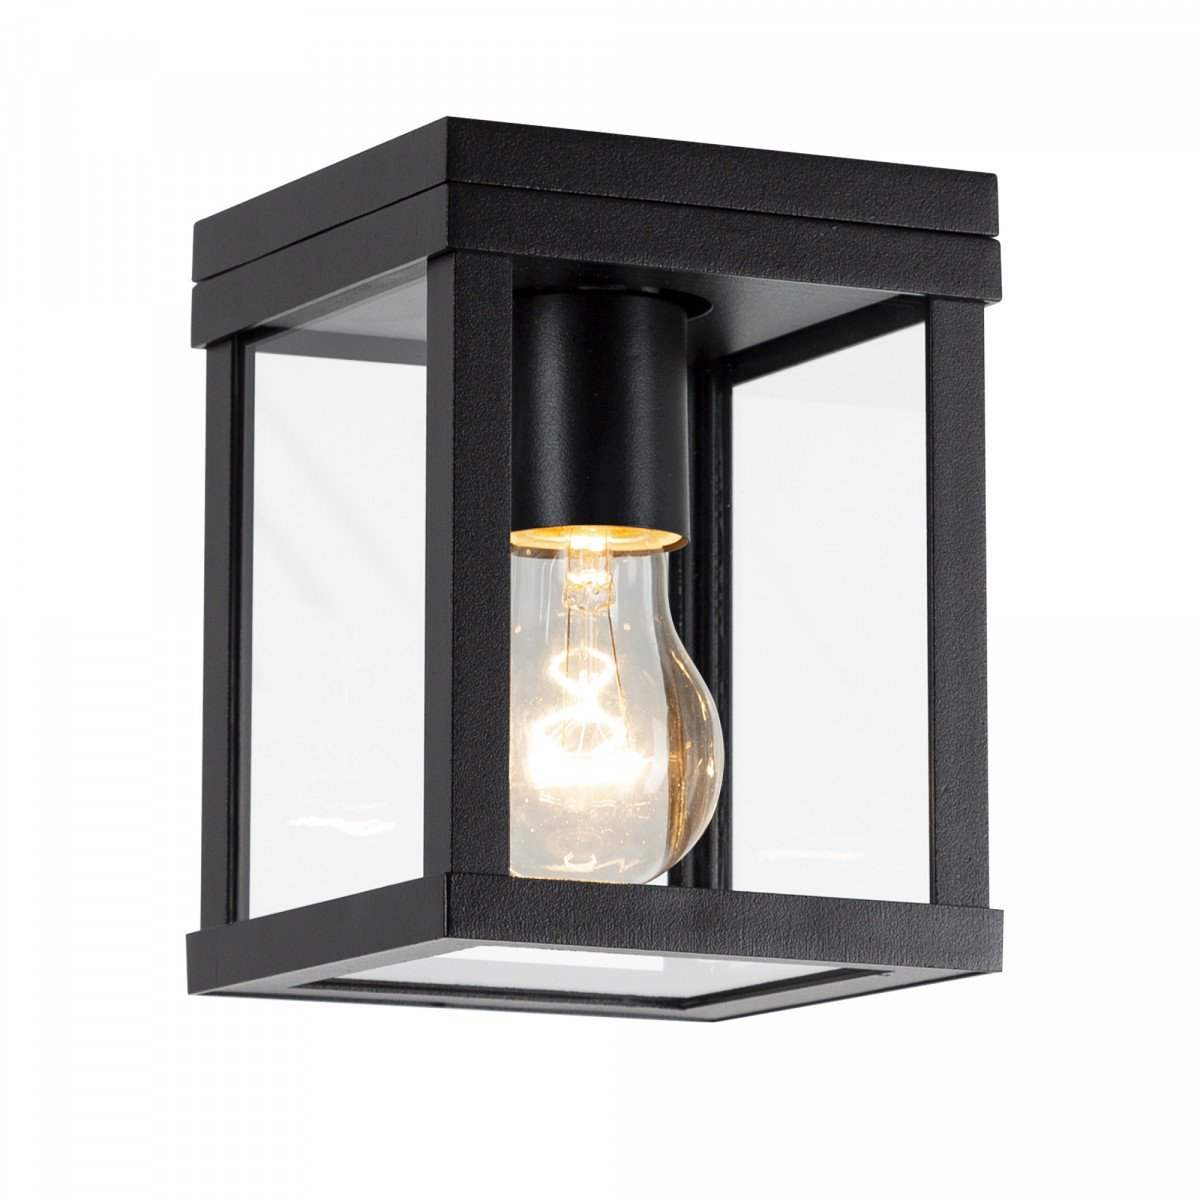 Buiten plafond lamp zwart frame met heldere glazen industrieel karakter stijlvol zwarte plafondverlichting KS plafondlamp Huizen